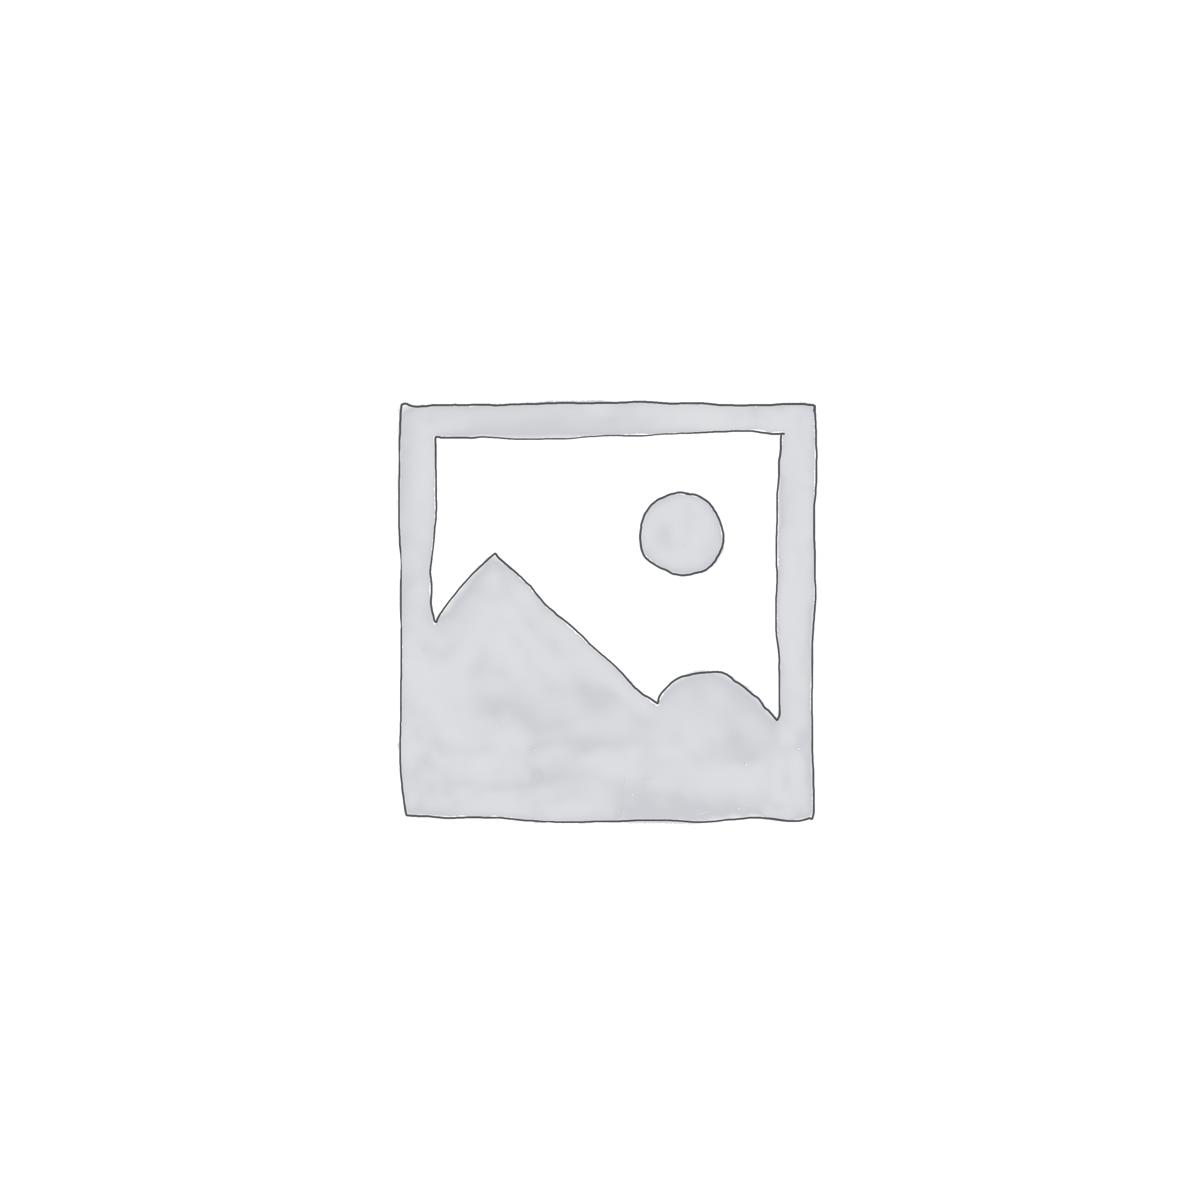 Soft Dutch Floral Bouqet Wallpaper Mural